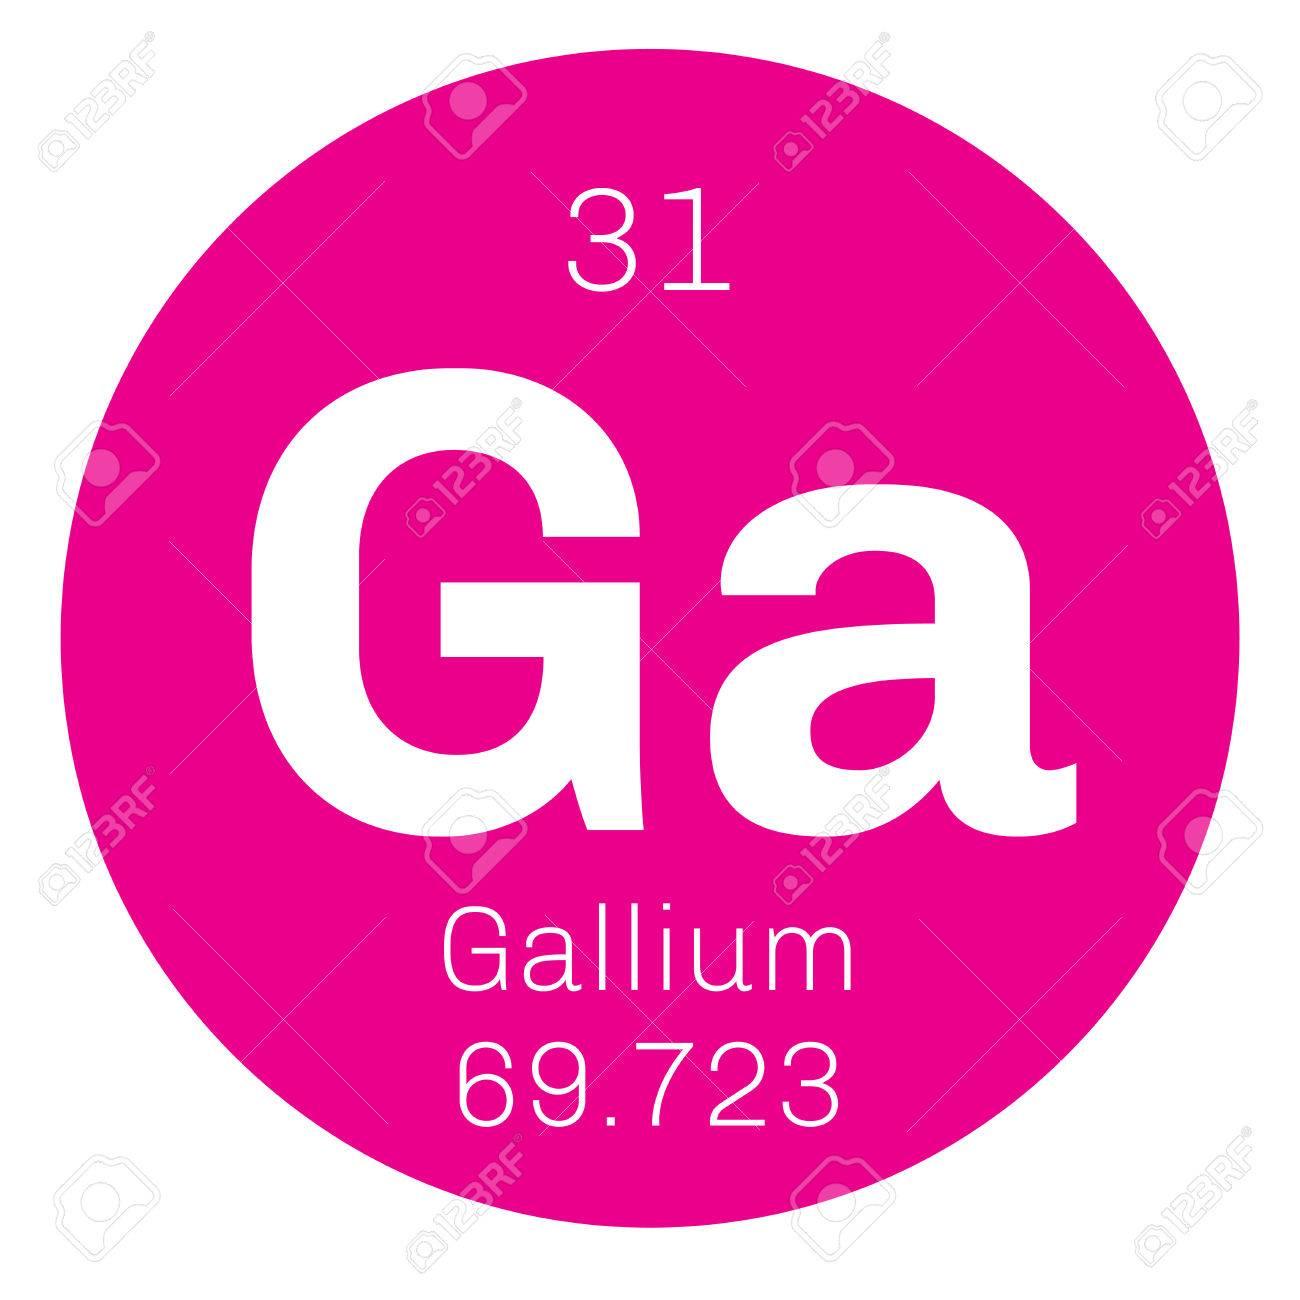 el galio elemento qumico utilizado en la electrnica icono de color con el nmero - Tabla Periodica De Los Elementos Galio